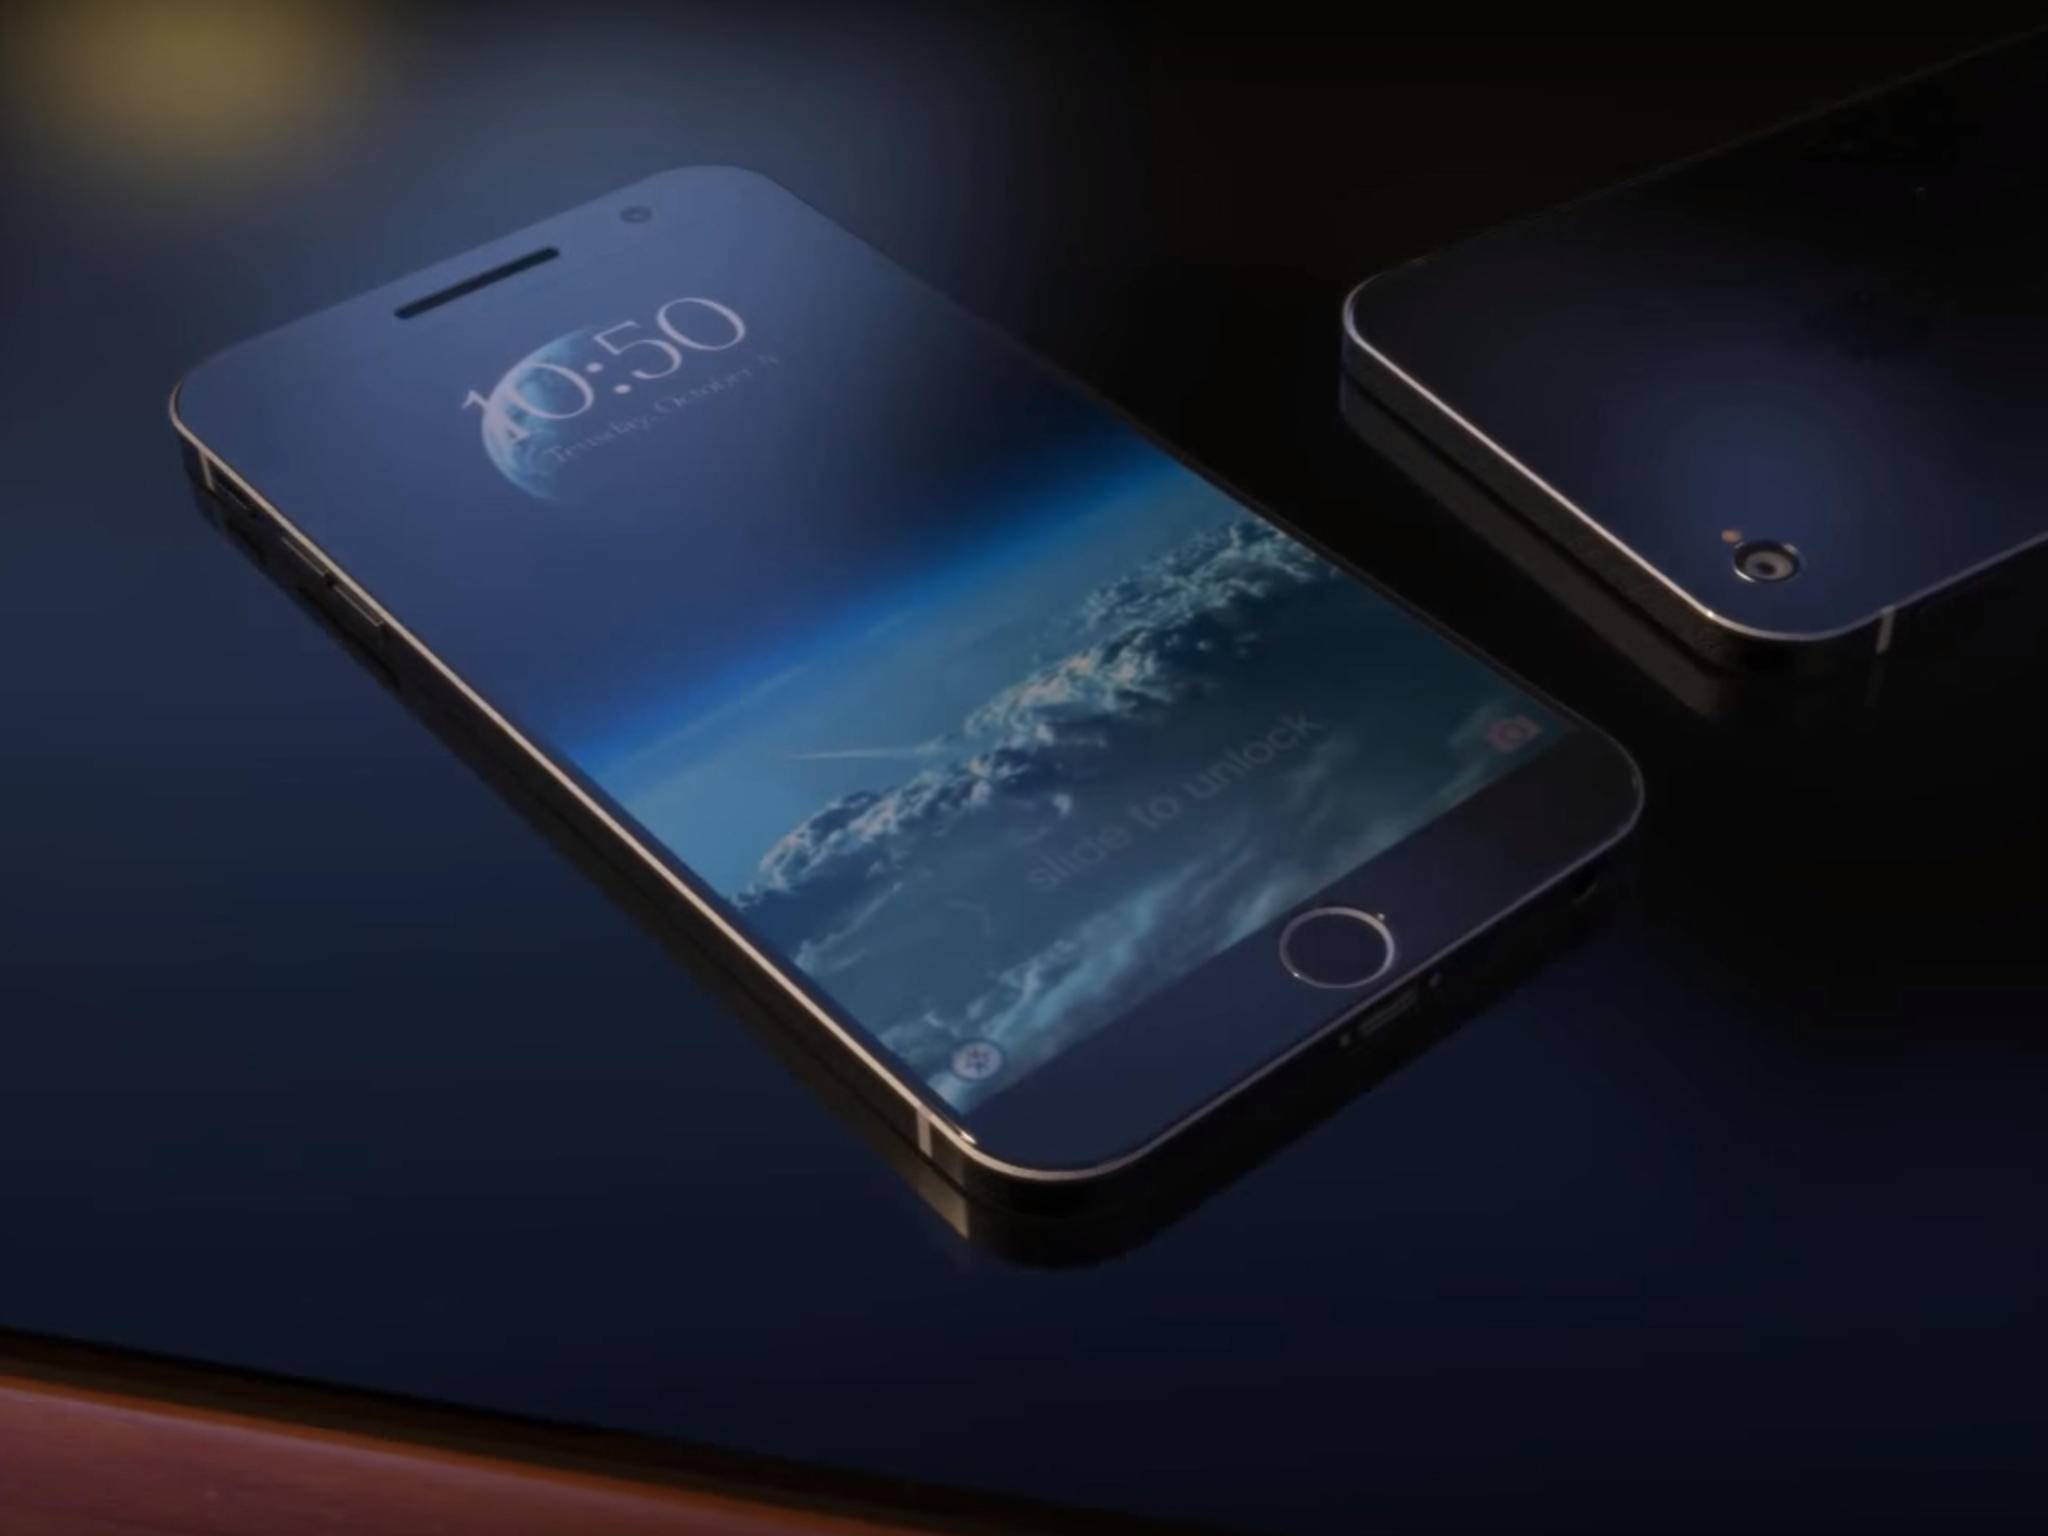 Das iPhone 7 soll seinem Vorgänger sehr ähneln.